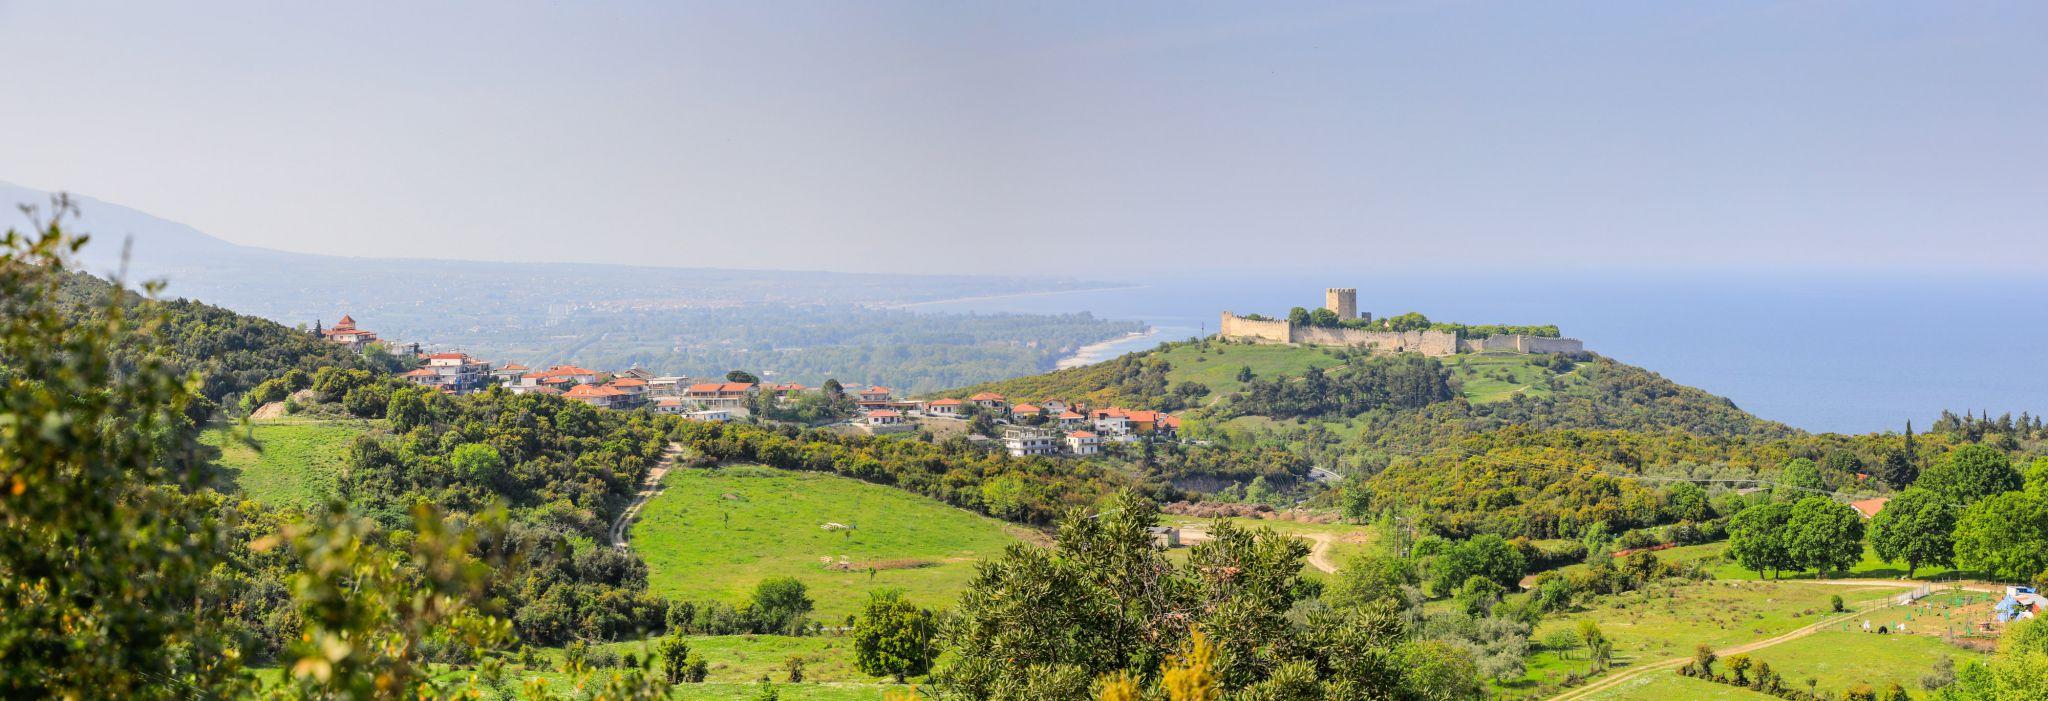 Landschaft bei Platamonas, Greece